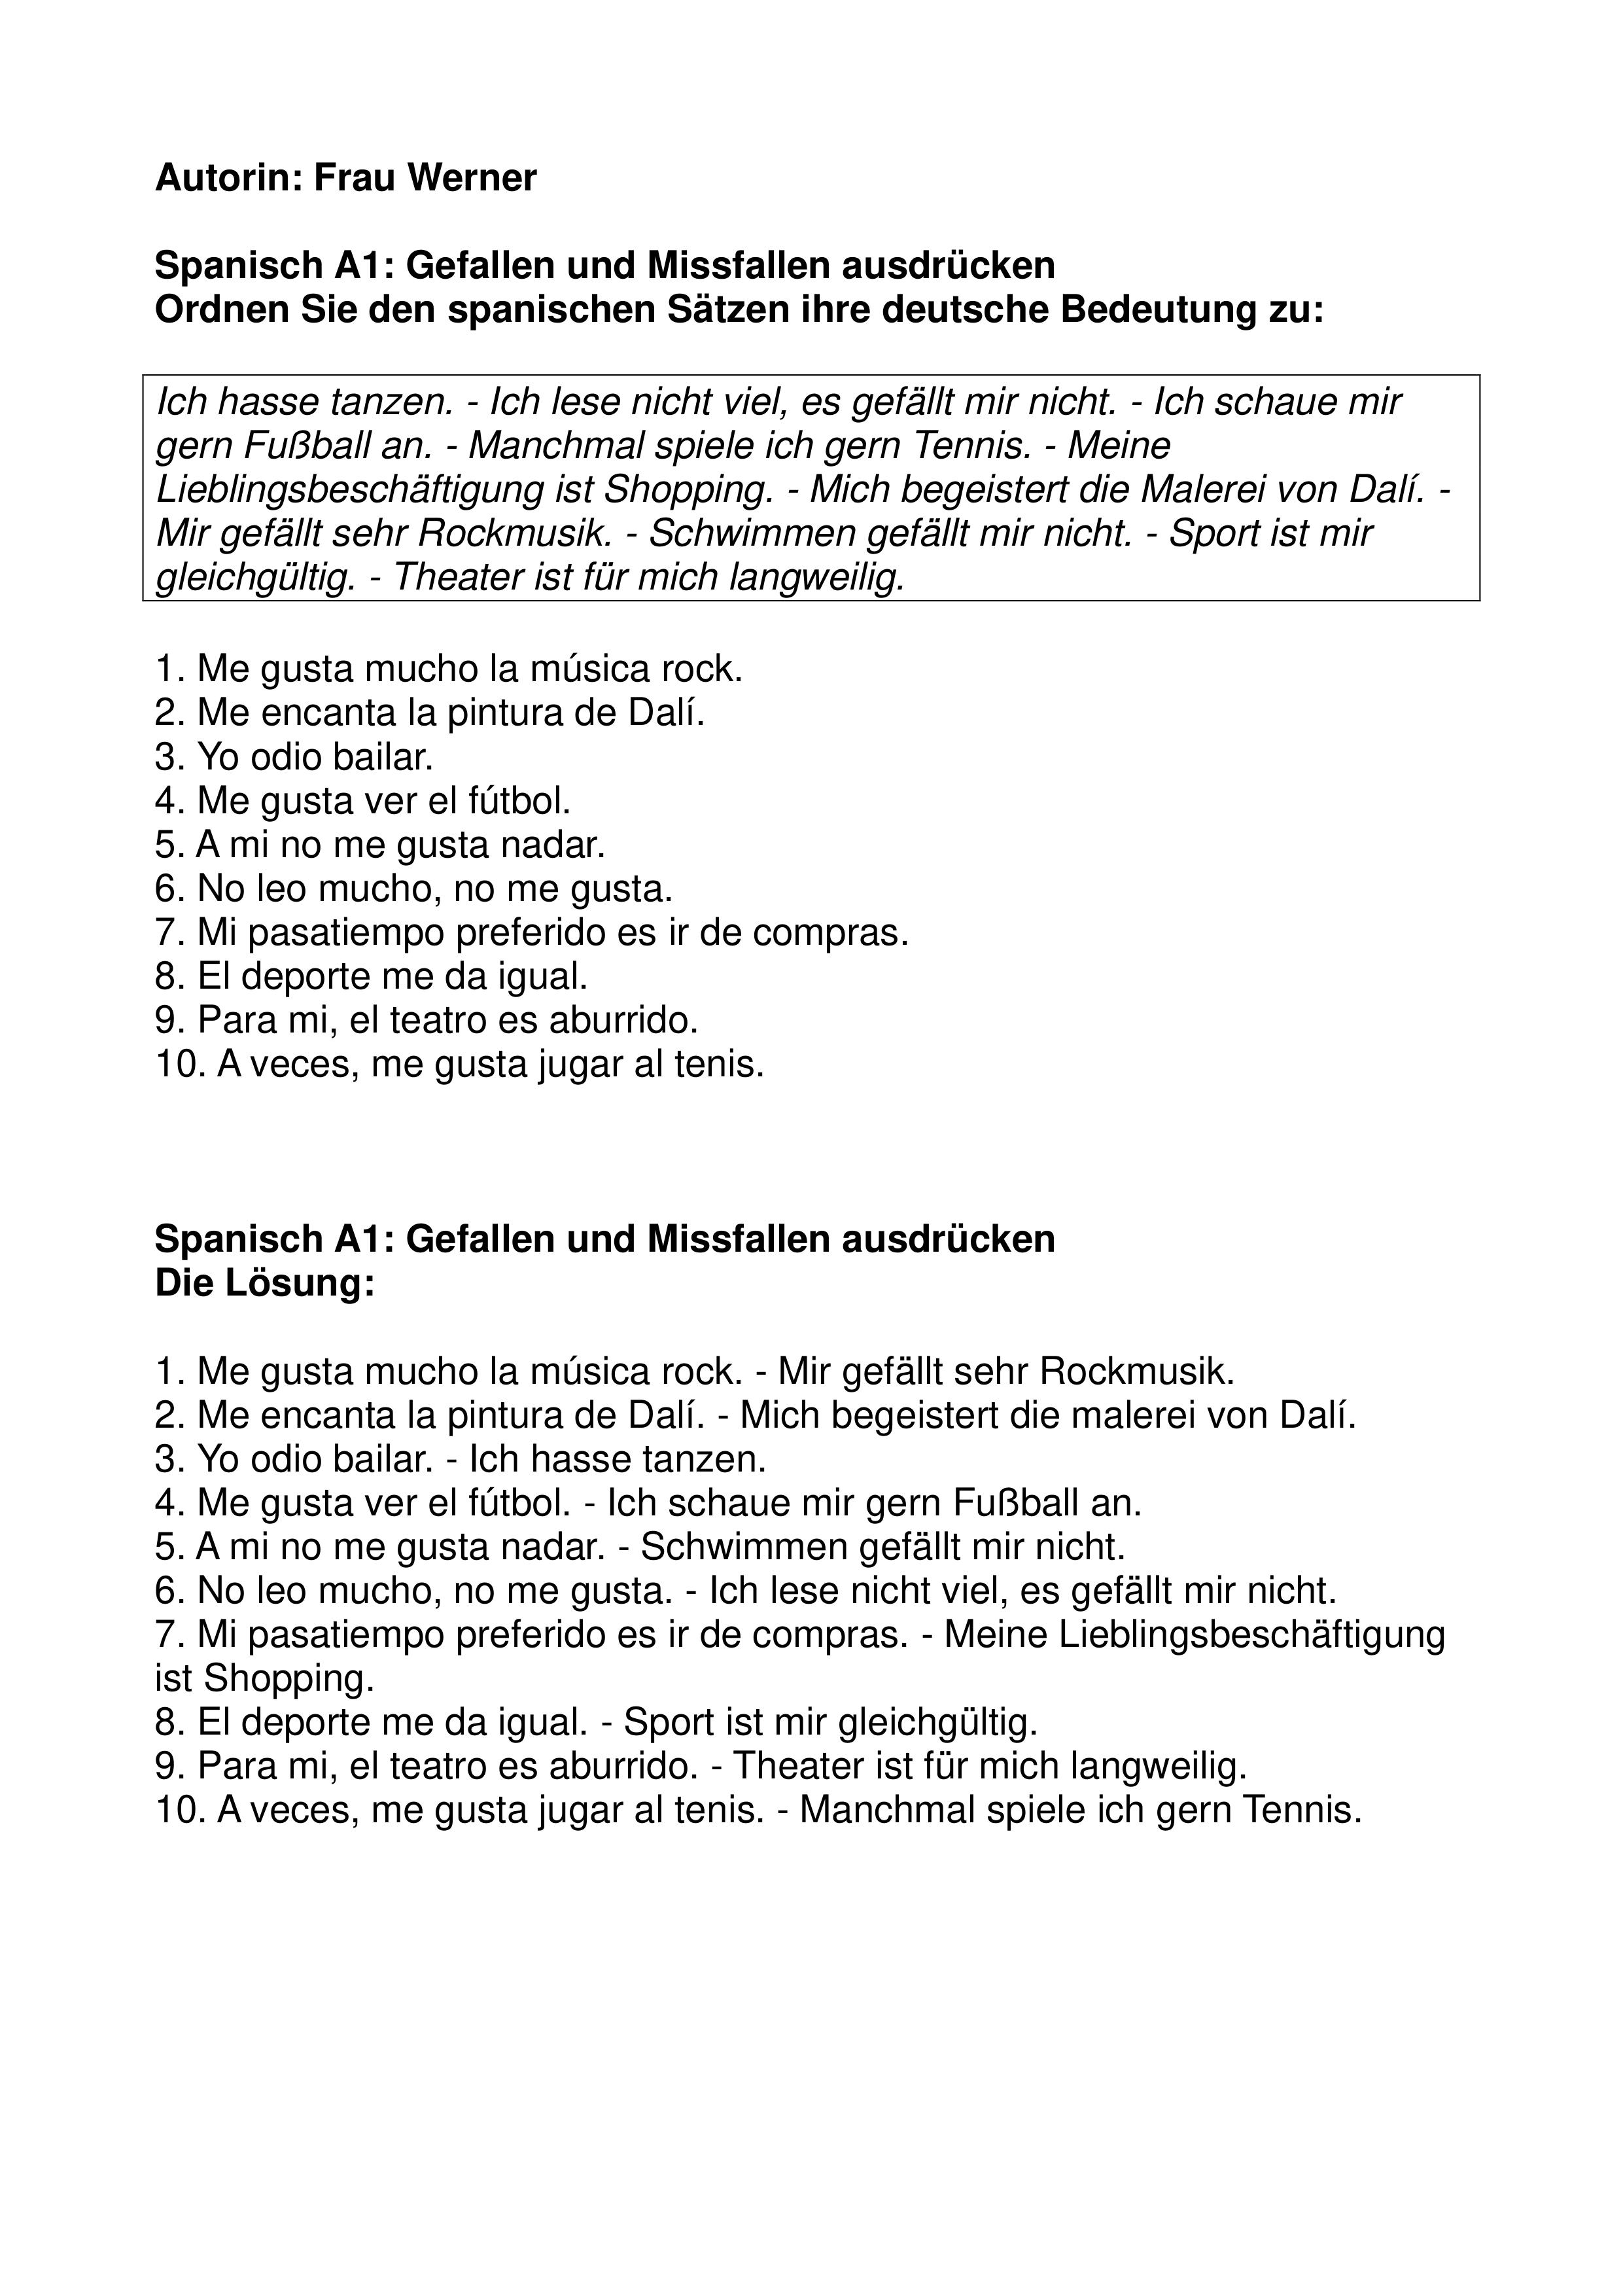 Spanisch A1 Gefallen Und Missfallen Ausdrucken Freizeit Mit Losung Unterrichtsmaterial Im Fach Spanisch Spanisch Spanisch Lernen Lernen